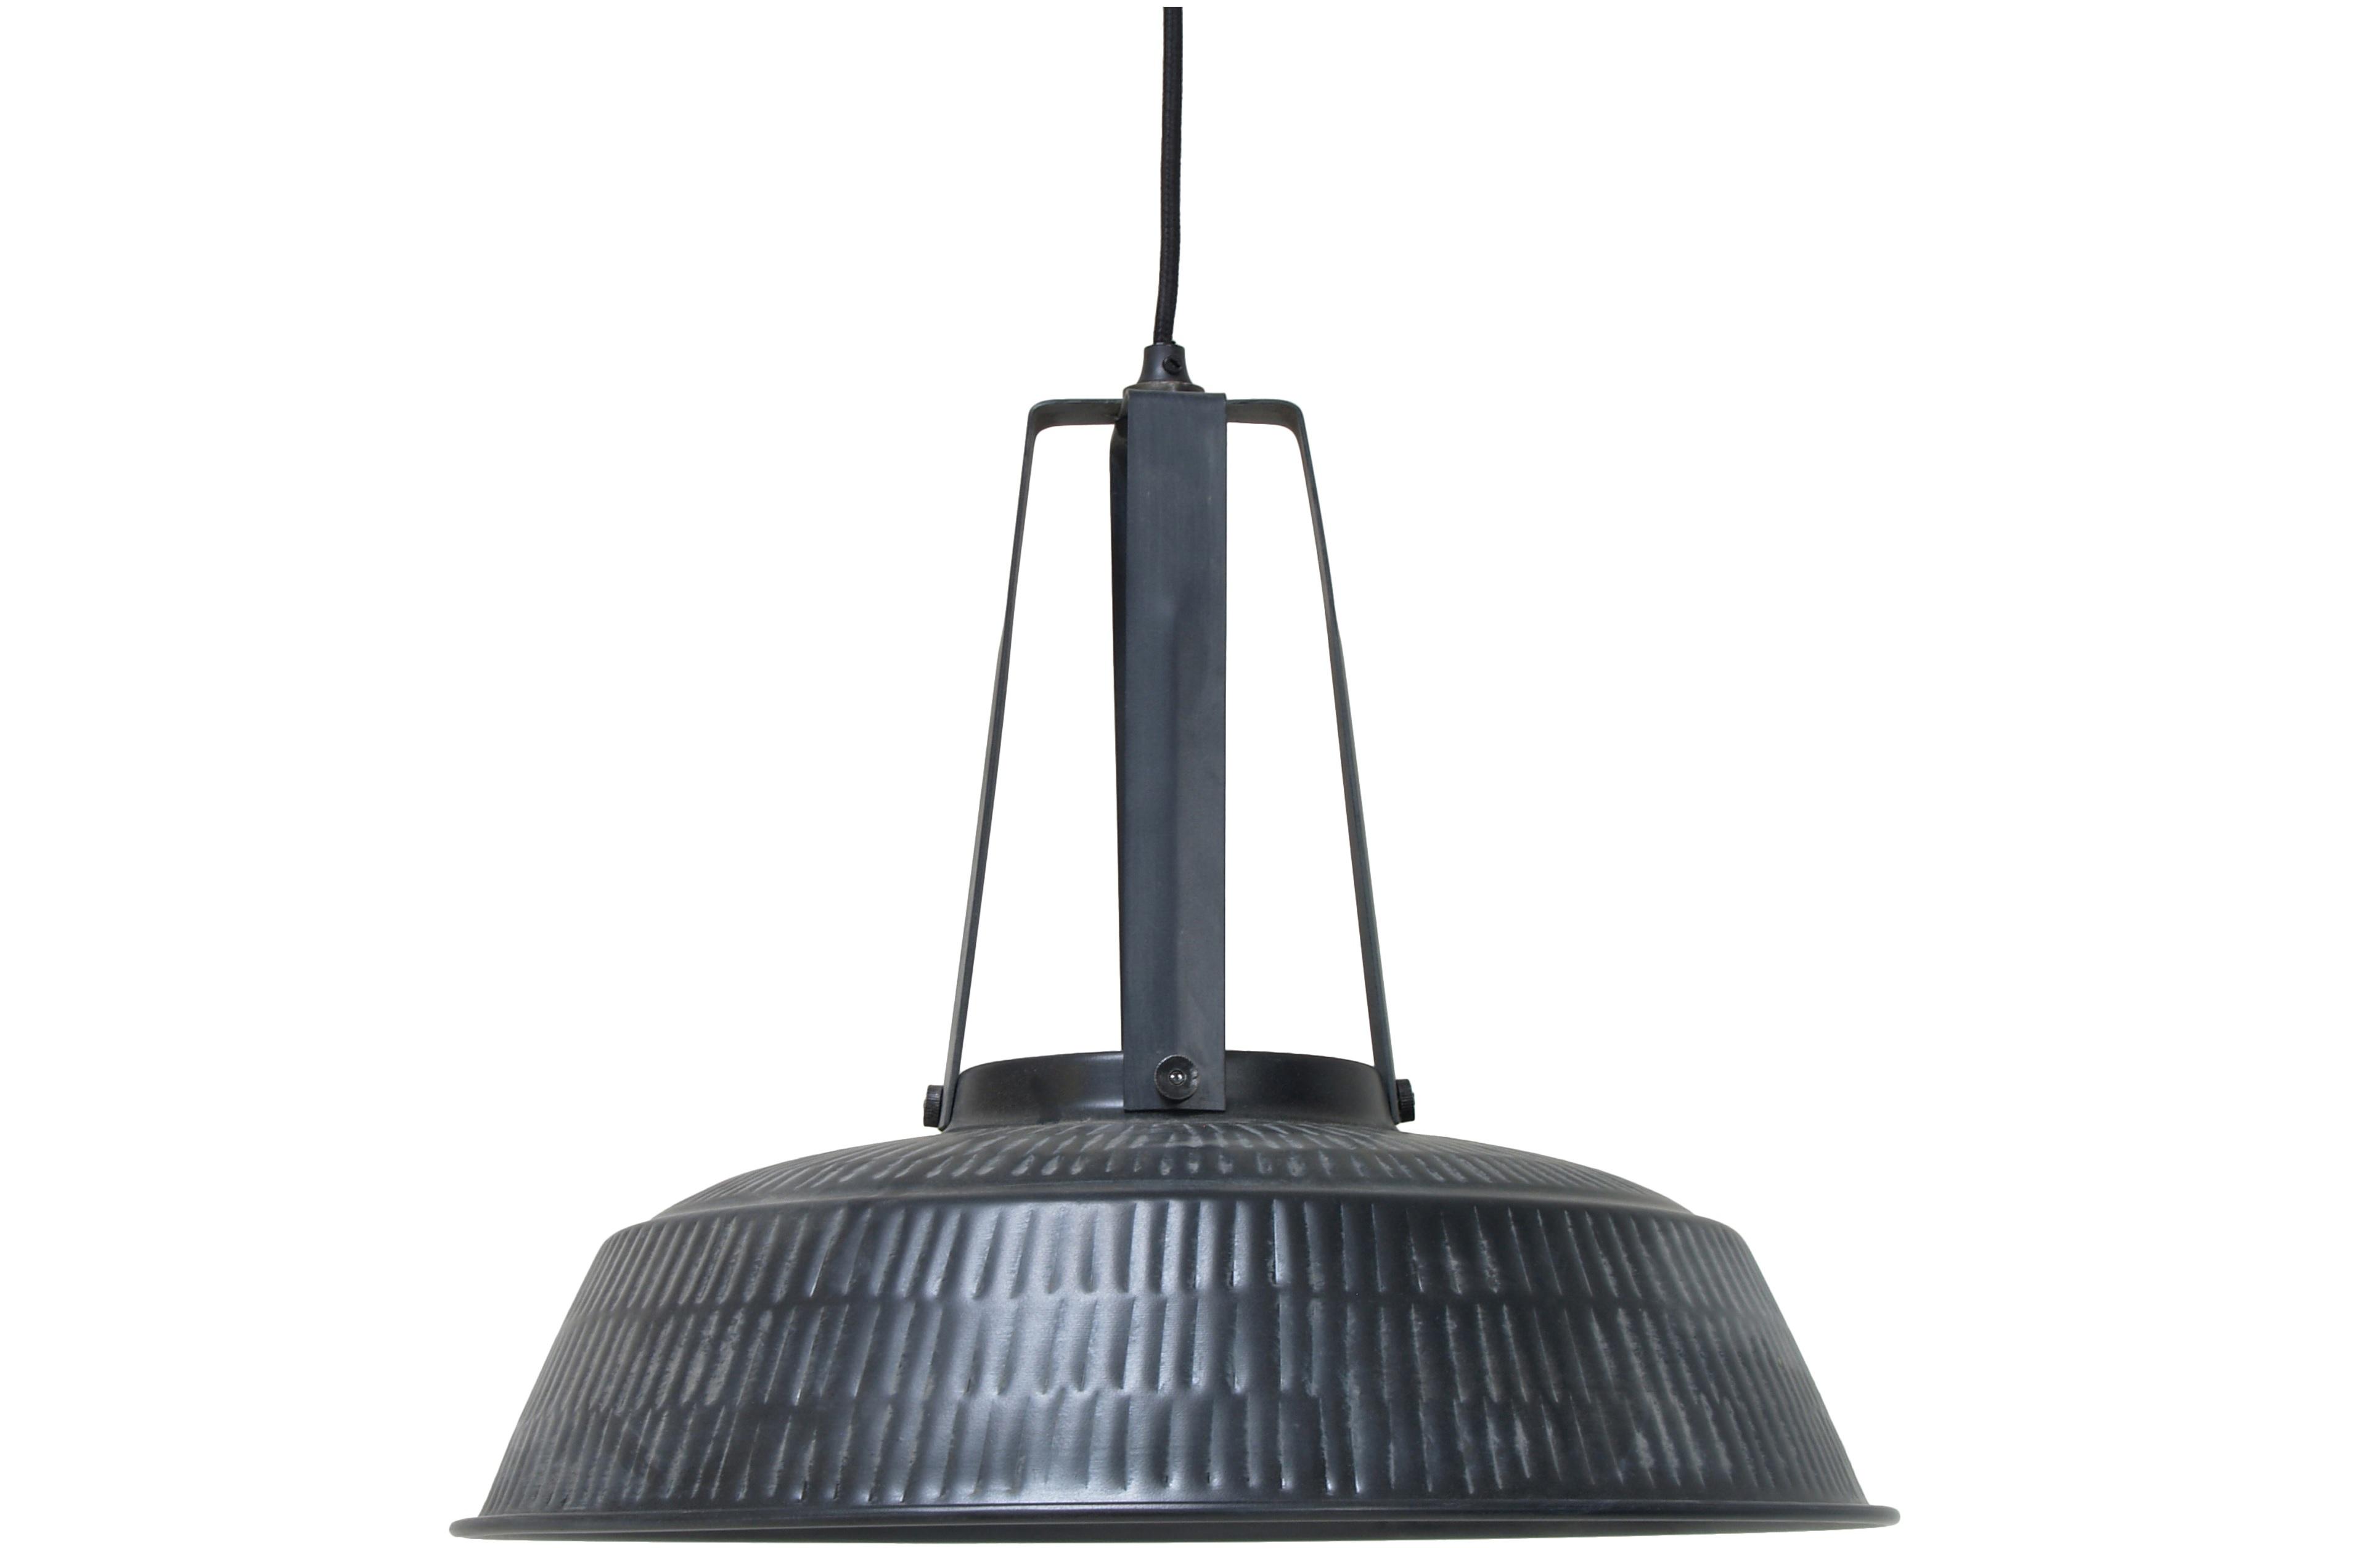 Лампа WORKSHOPПодвесные светильники<br>Подвесная лампа в индустриальном стиле. Обработка металла и покрытие &amp;quot;рустик&amp;quot;.&amp;lt;div&amp;gt;&amp;lt;br&amp;gt;&amp;lt;/div&amp;gt;&amp;lt;div&amp;gt;Длина шнура: 2 м&amp;lt;/div&amp;gt;&amp;lt;div&amp;gt;&amp;lt;div style=&amp;quot;line-height: 24.9999px;&amp;quot;&amp;gt;Вид цоколя: Е27&amp;lt;/div&amp;gt;&amp;lt;div style=&amp;quot;line-height: 24.9999px;&amp;quot;&amp;gt;Мощность: 60W&amp;lt;/div&amp;gt;&amp;lt;div style=&amp;quot;line-height: 24.9999px;&amp;quot;&amp;gt;Количество ламп: 1&amp;lt;/div&amp;gt;&amp;lt;/div&amp;gt;<br><br>Material: Металл<br>Высота см: 40